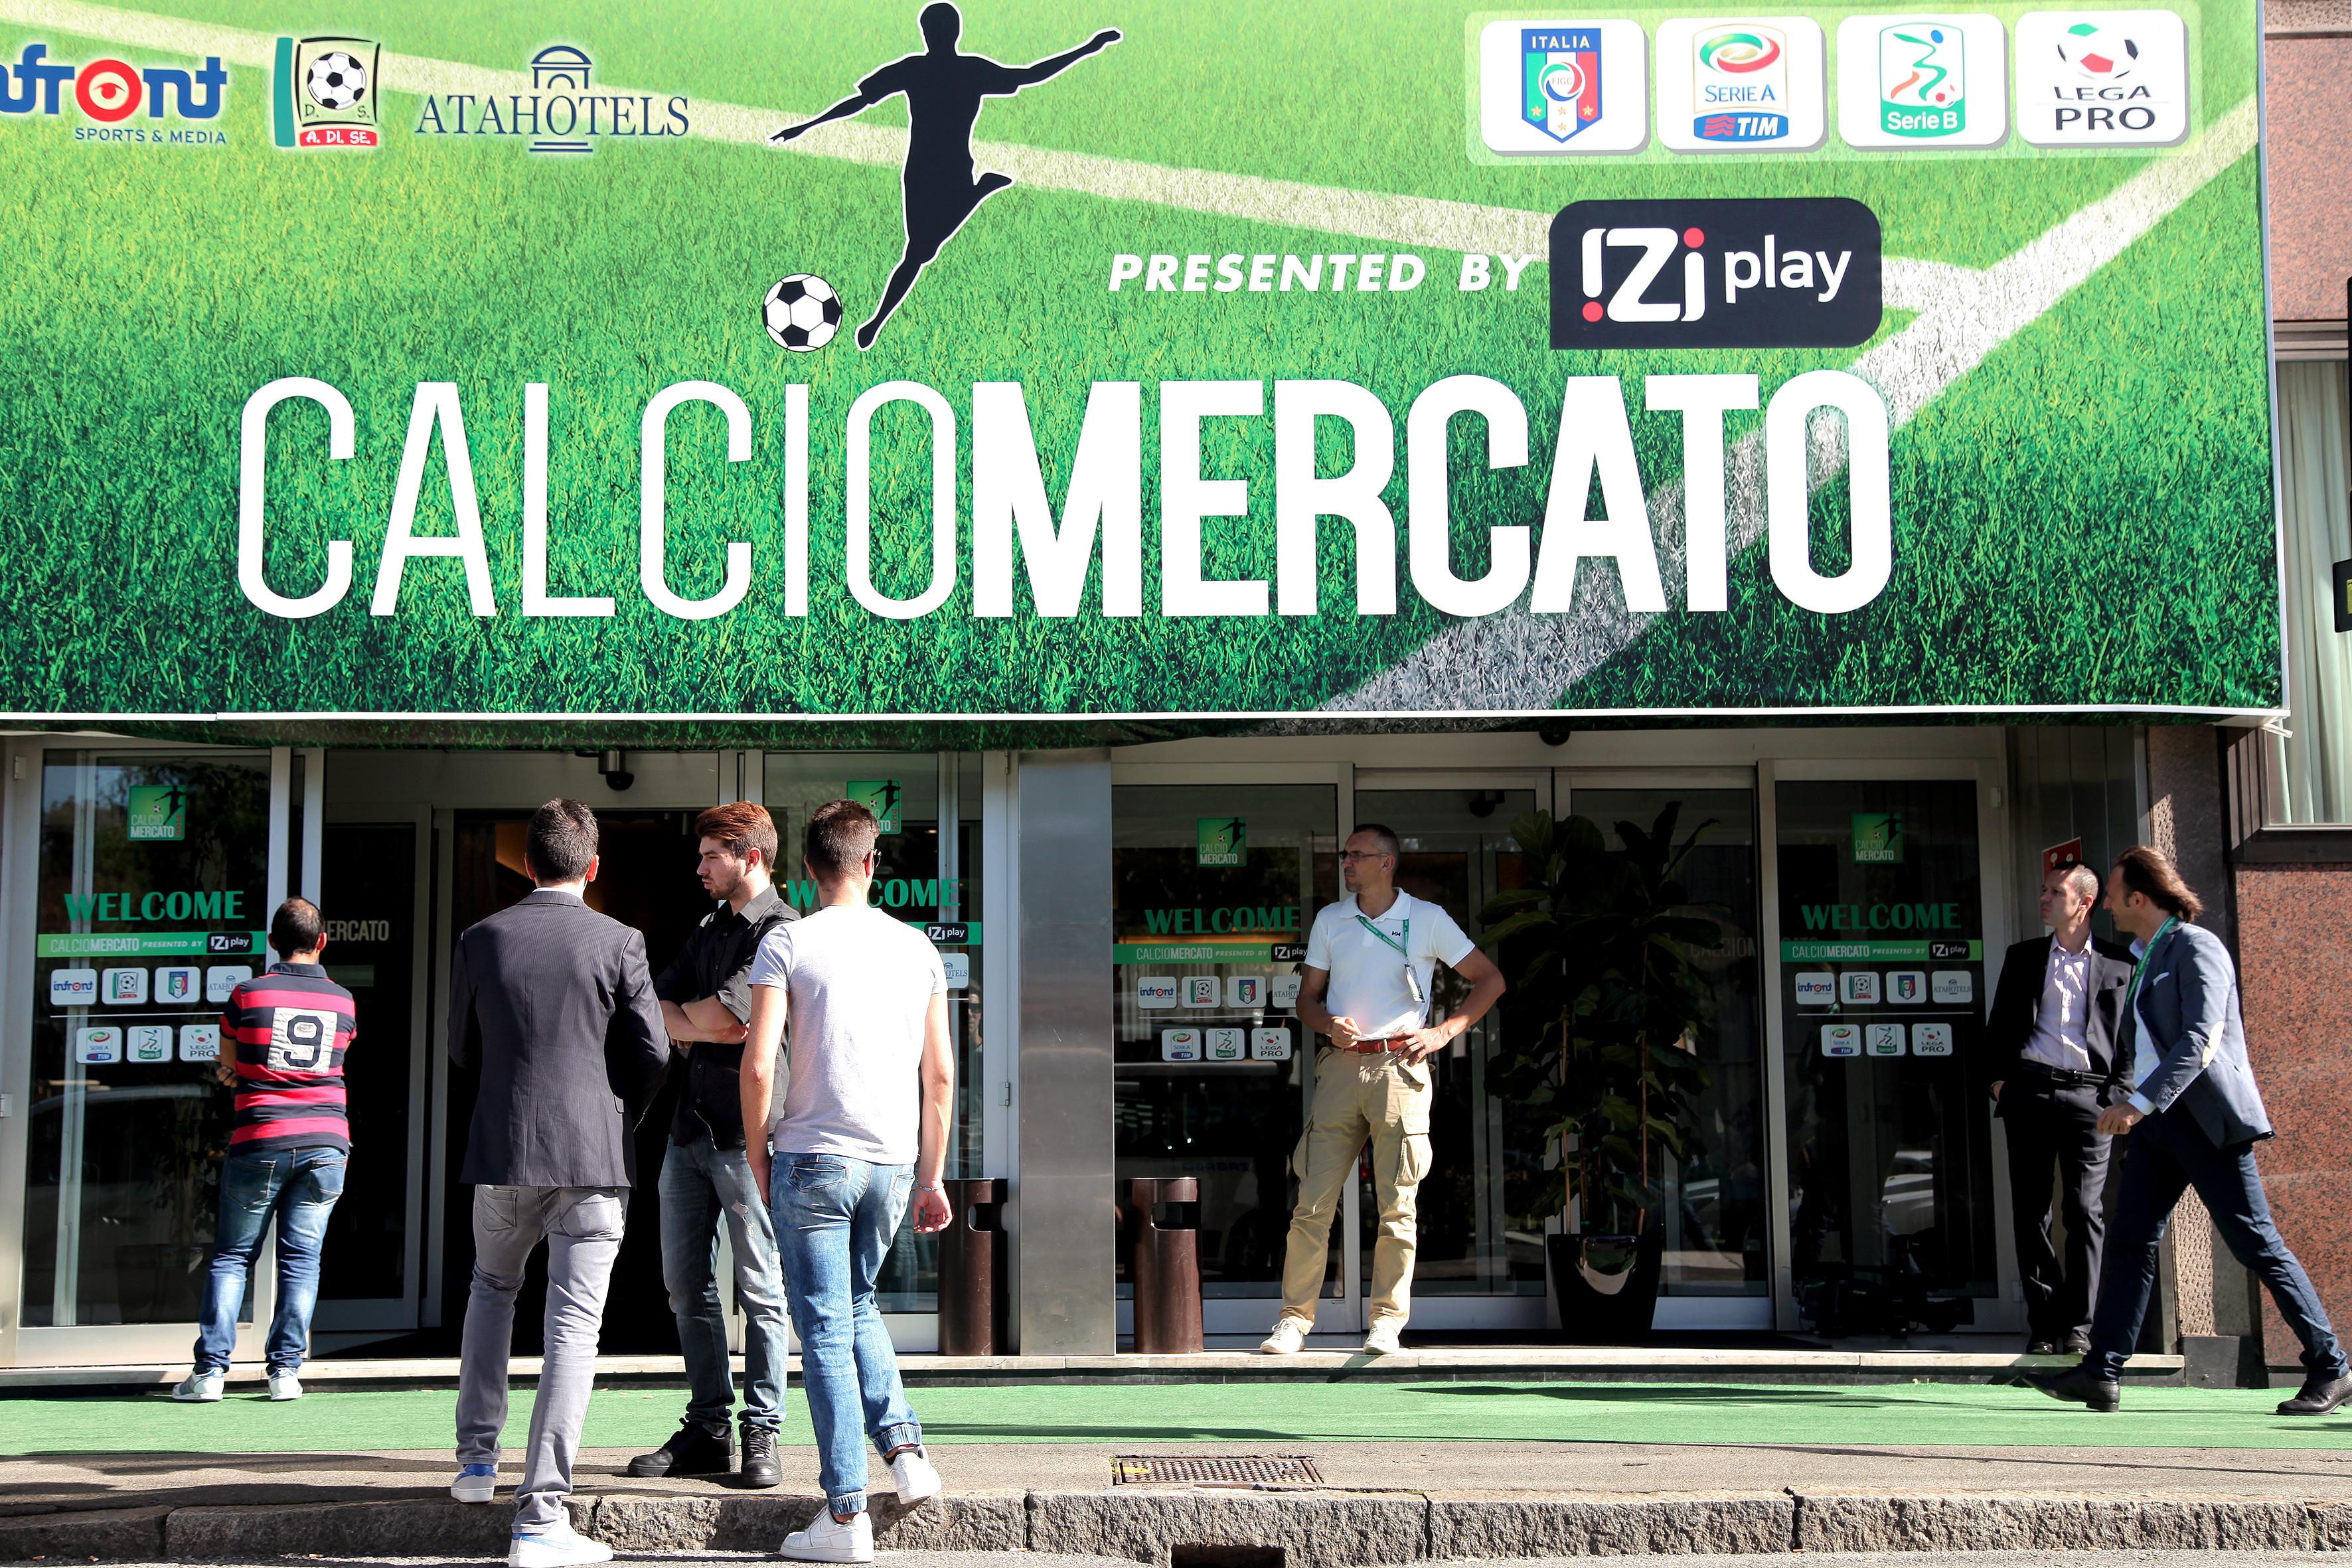 calciomercato live primo piano large_140901-210422_to010914spo_0606